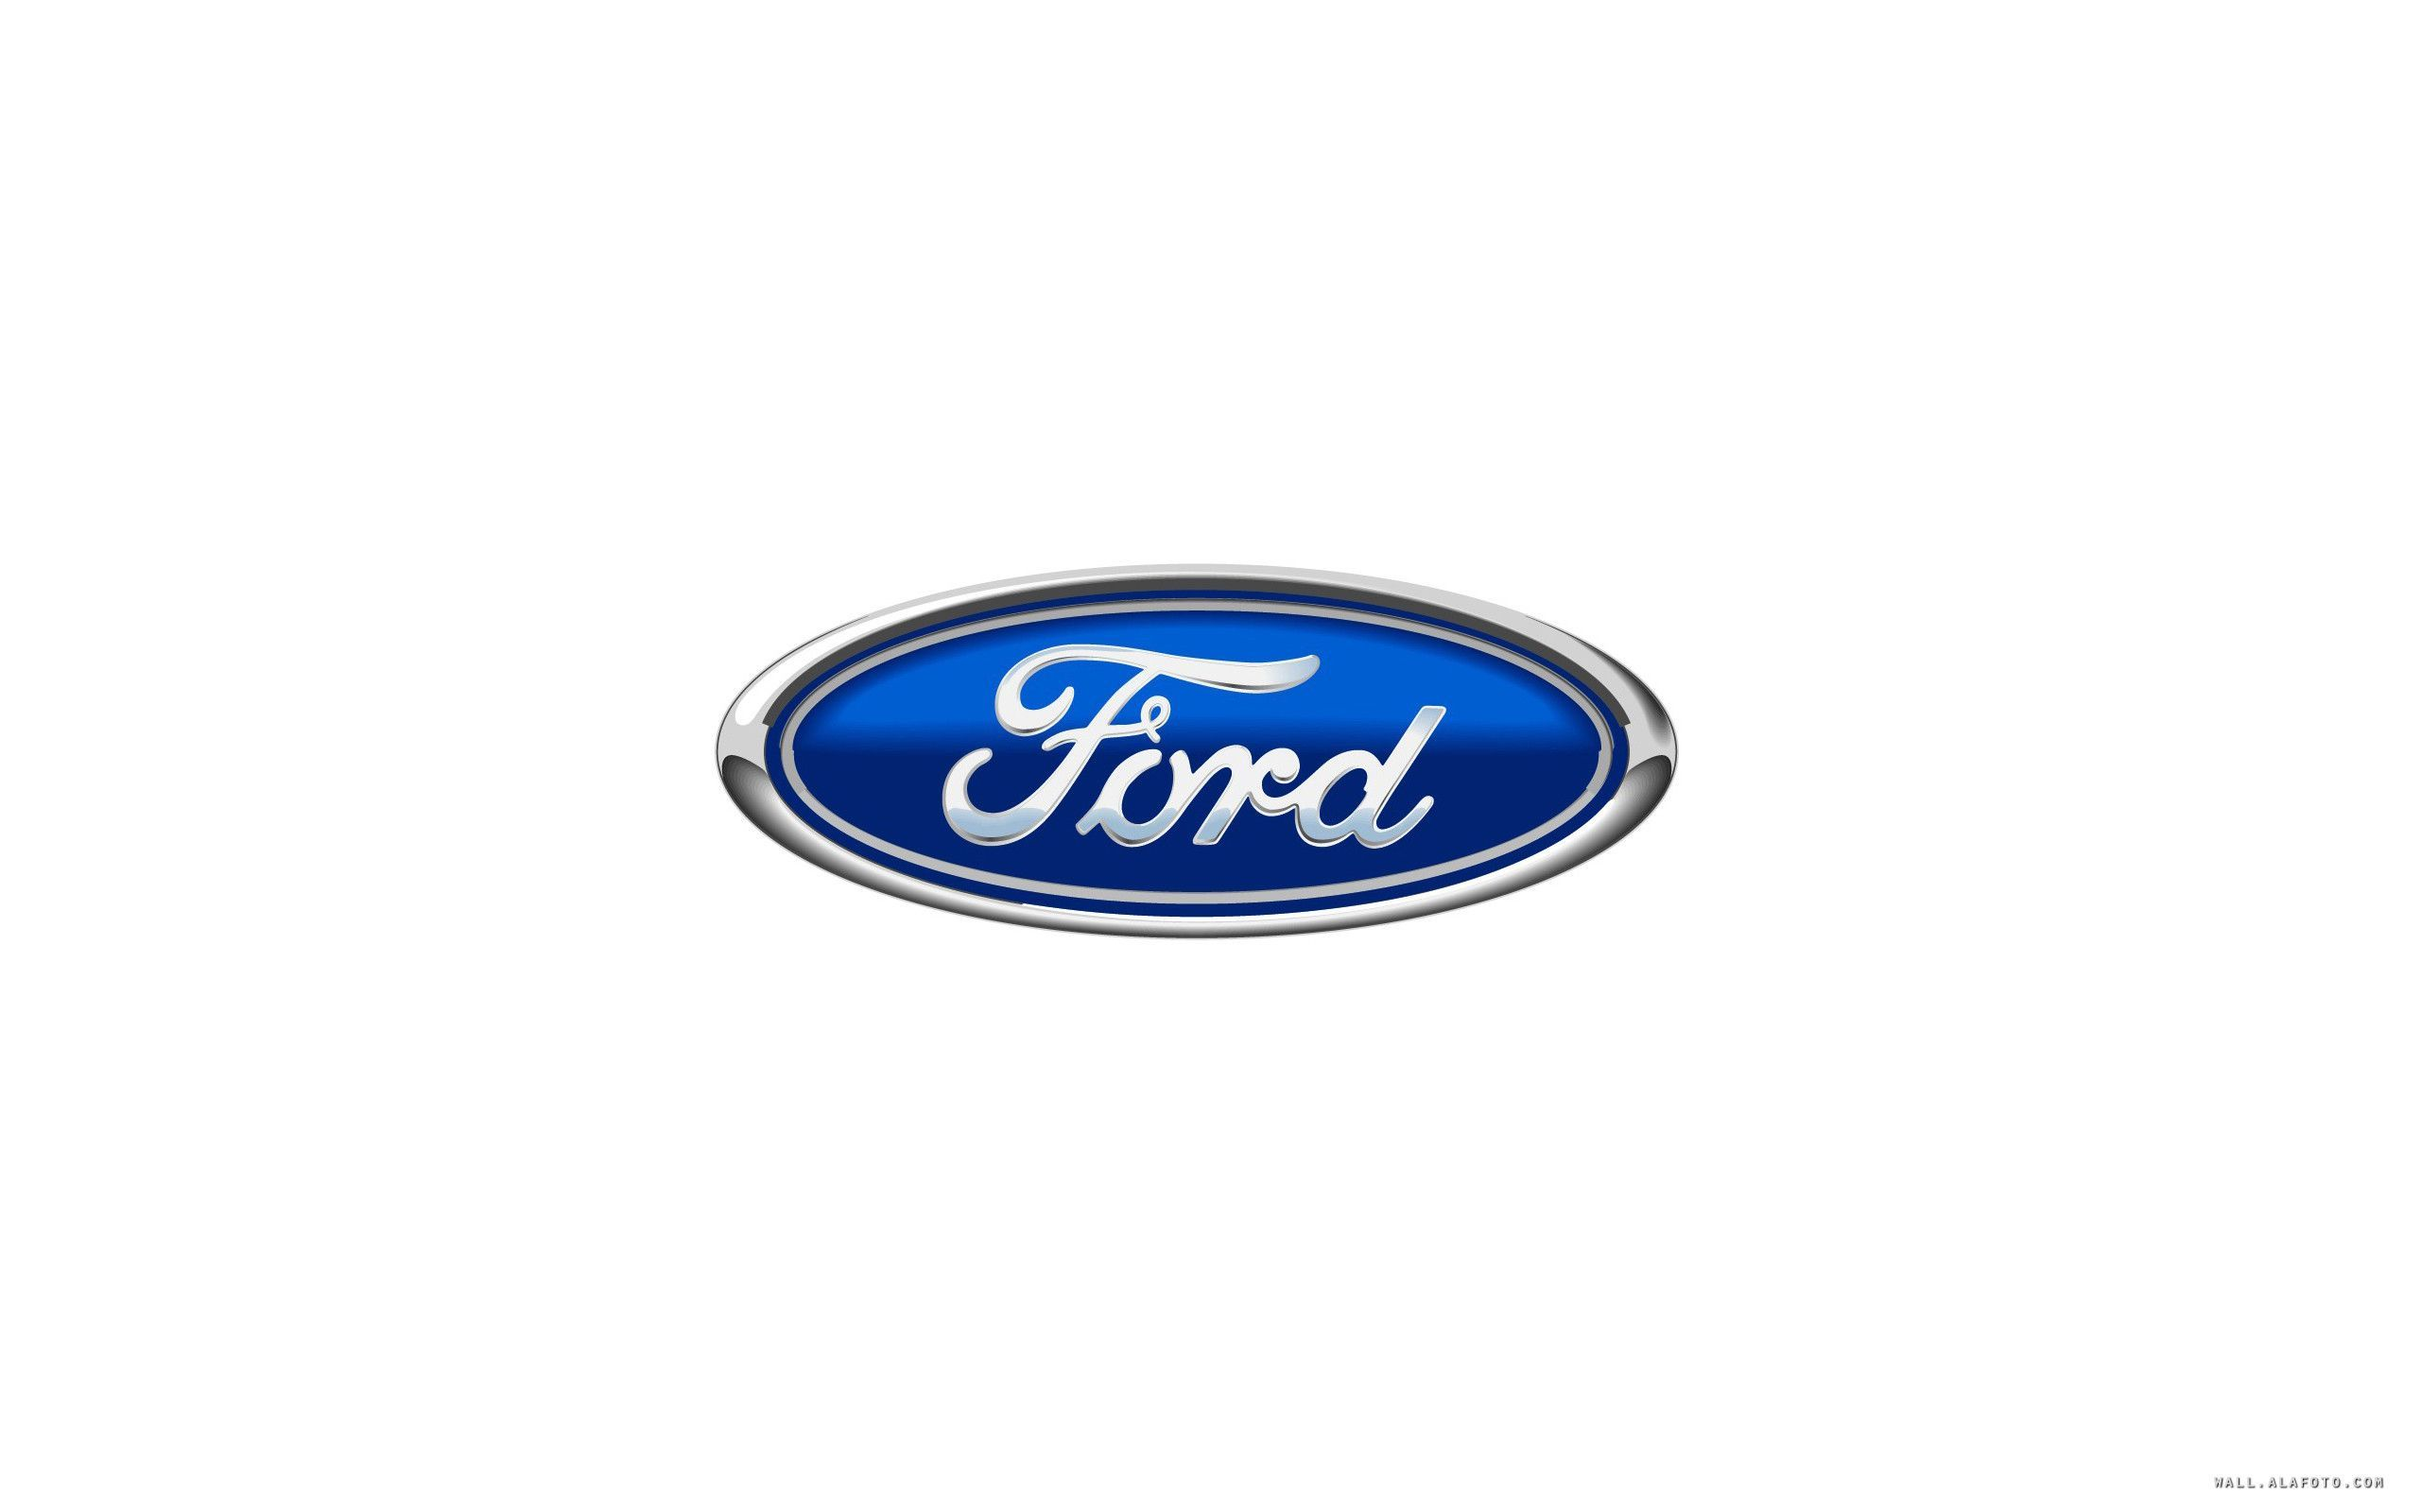 Ford Car Logo White Background HD Wallpaper Wi 3673 Wallpaper 2560x1600